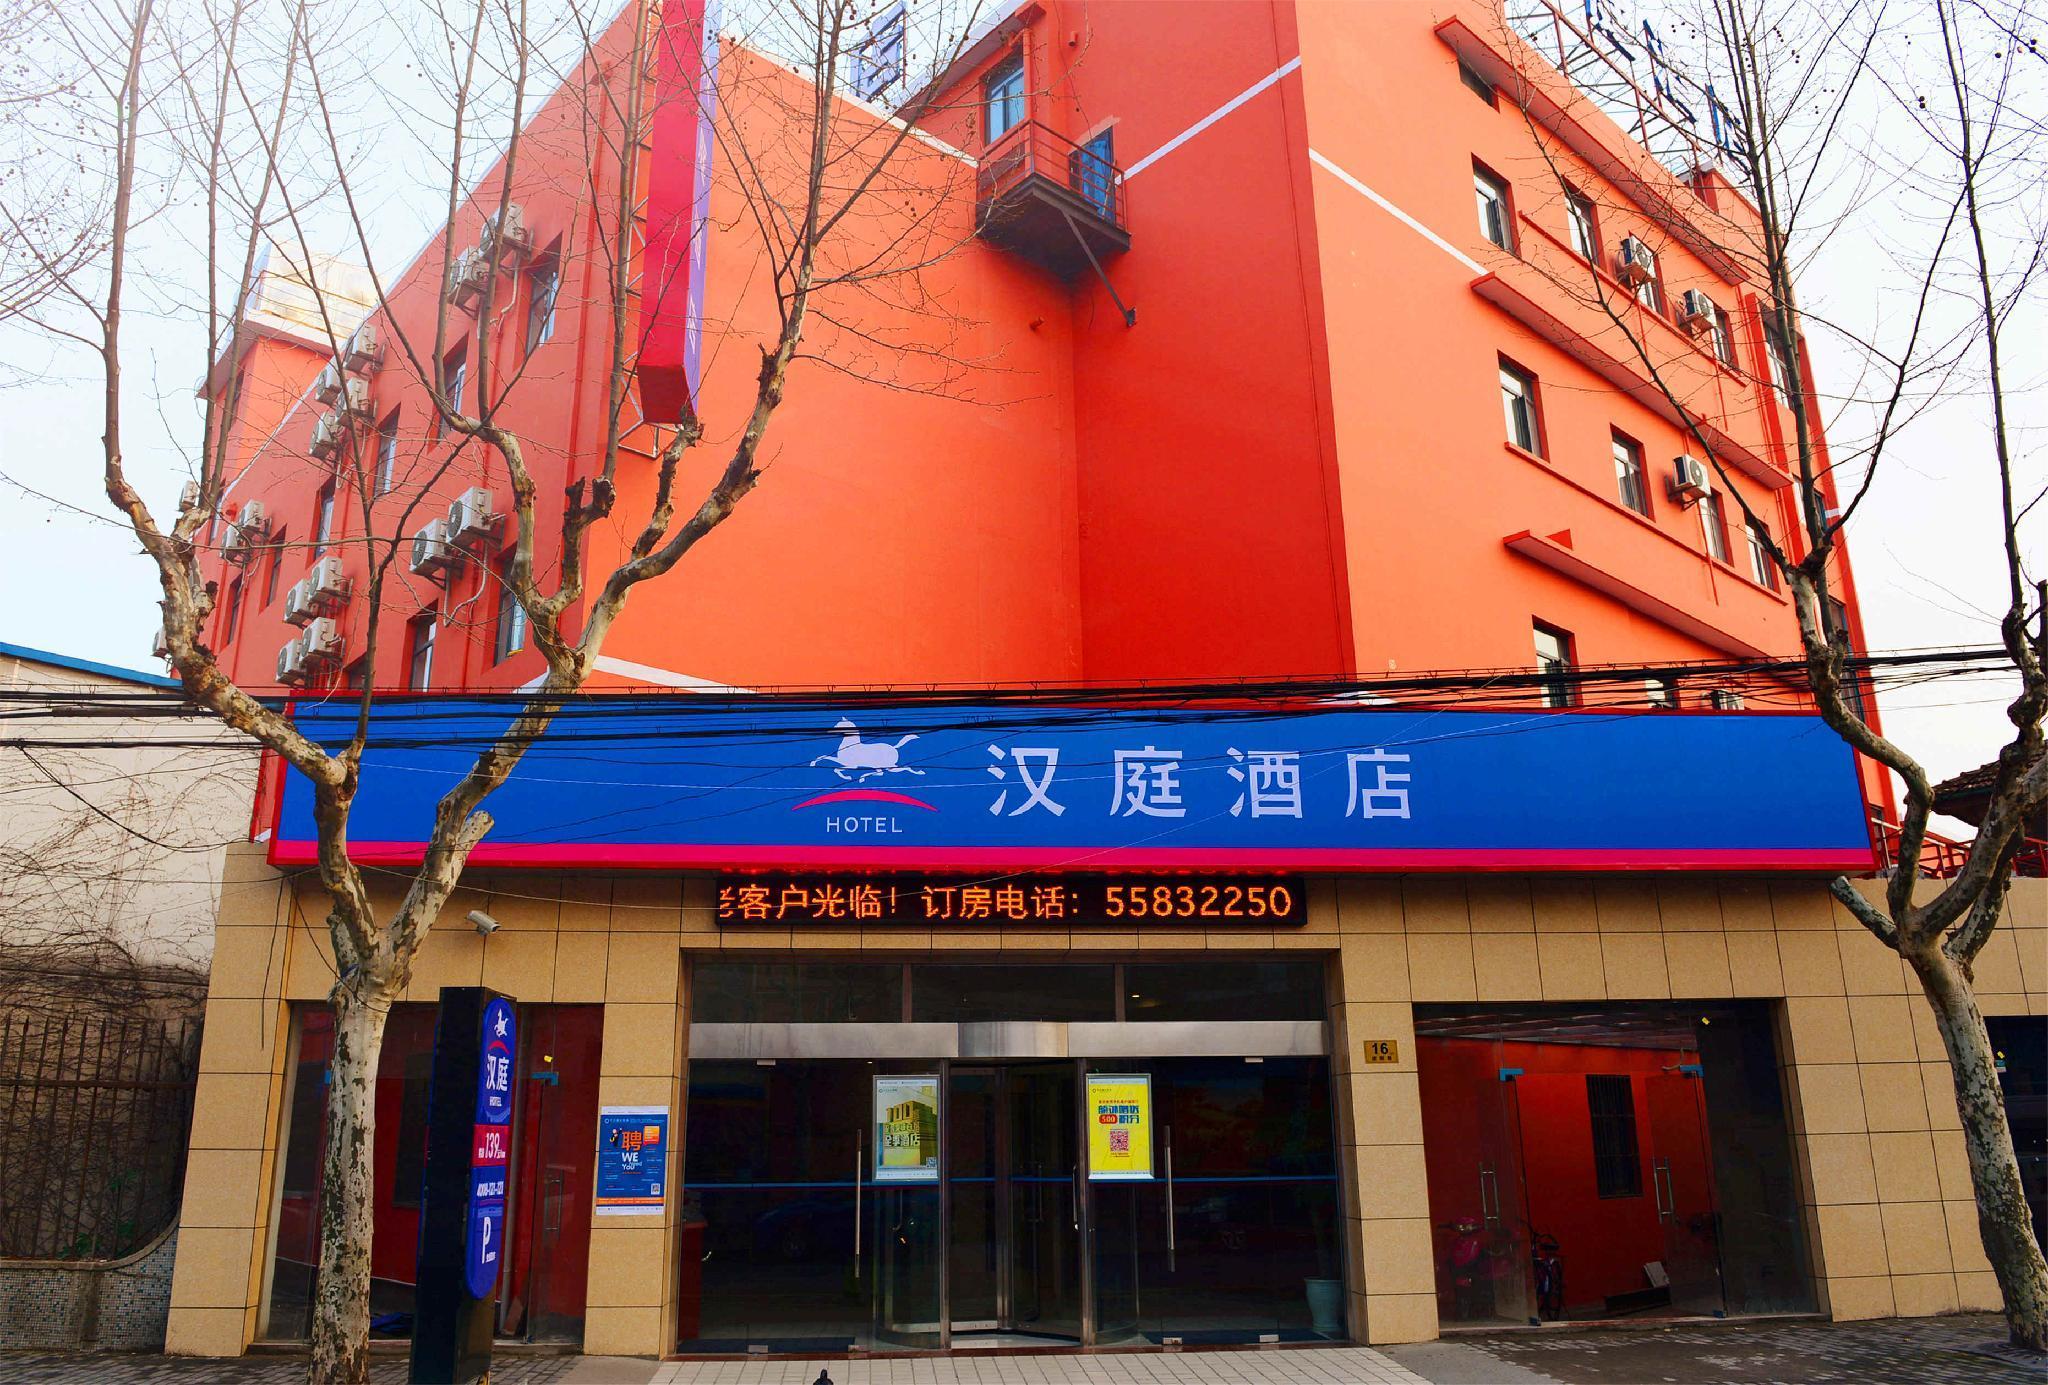 Hanting Hotel Shanghai The North Bund Pingliang Road